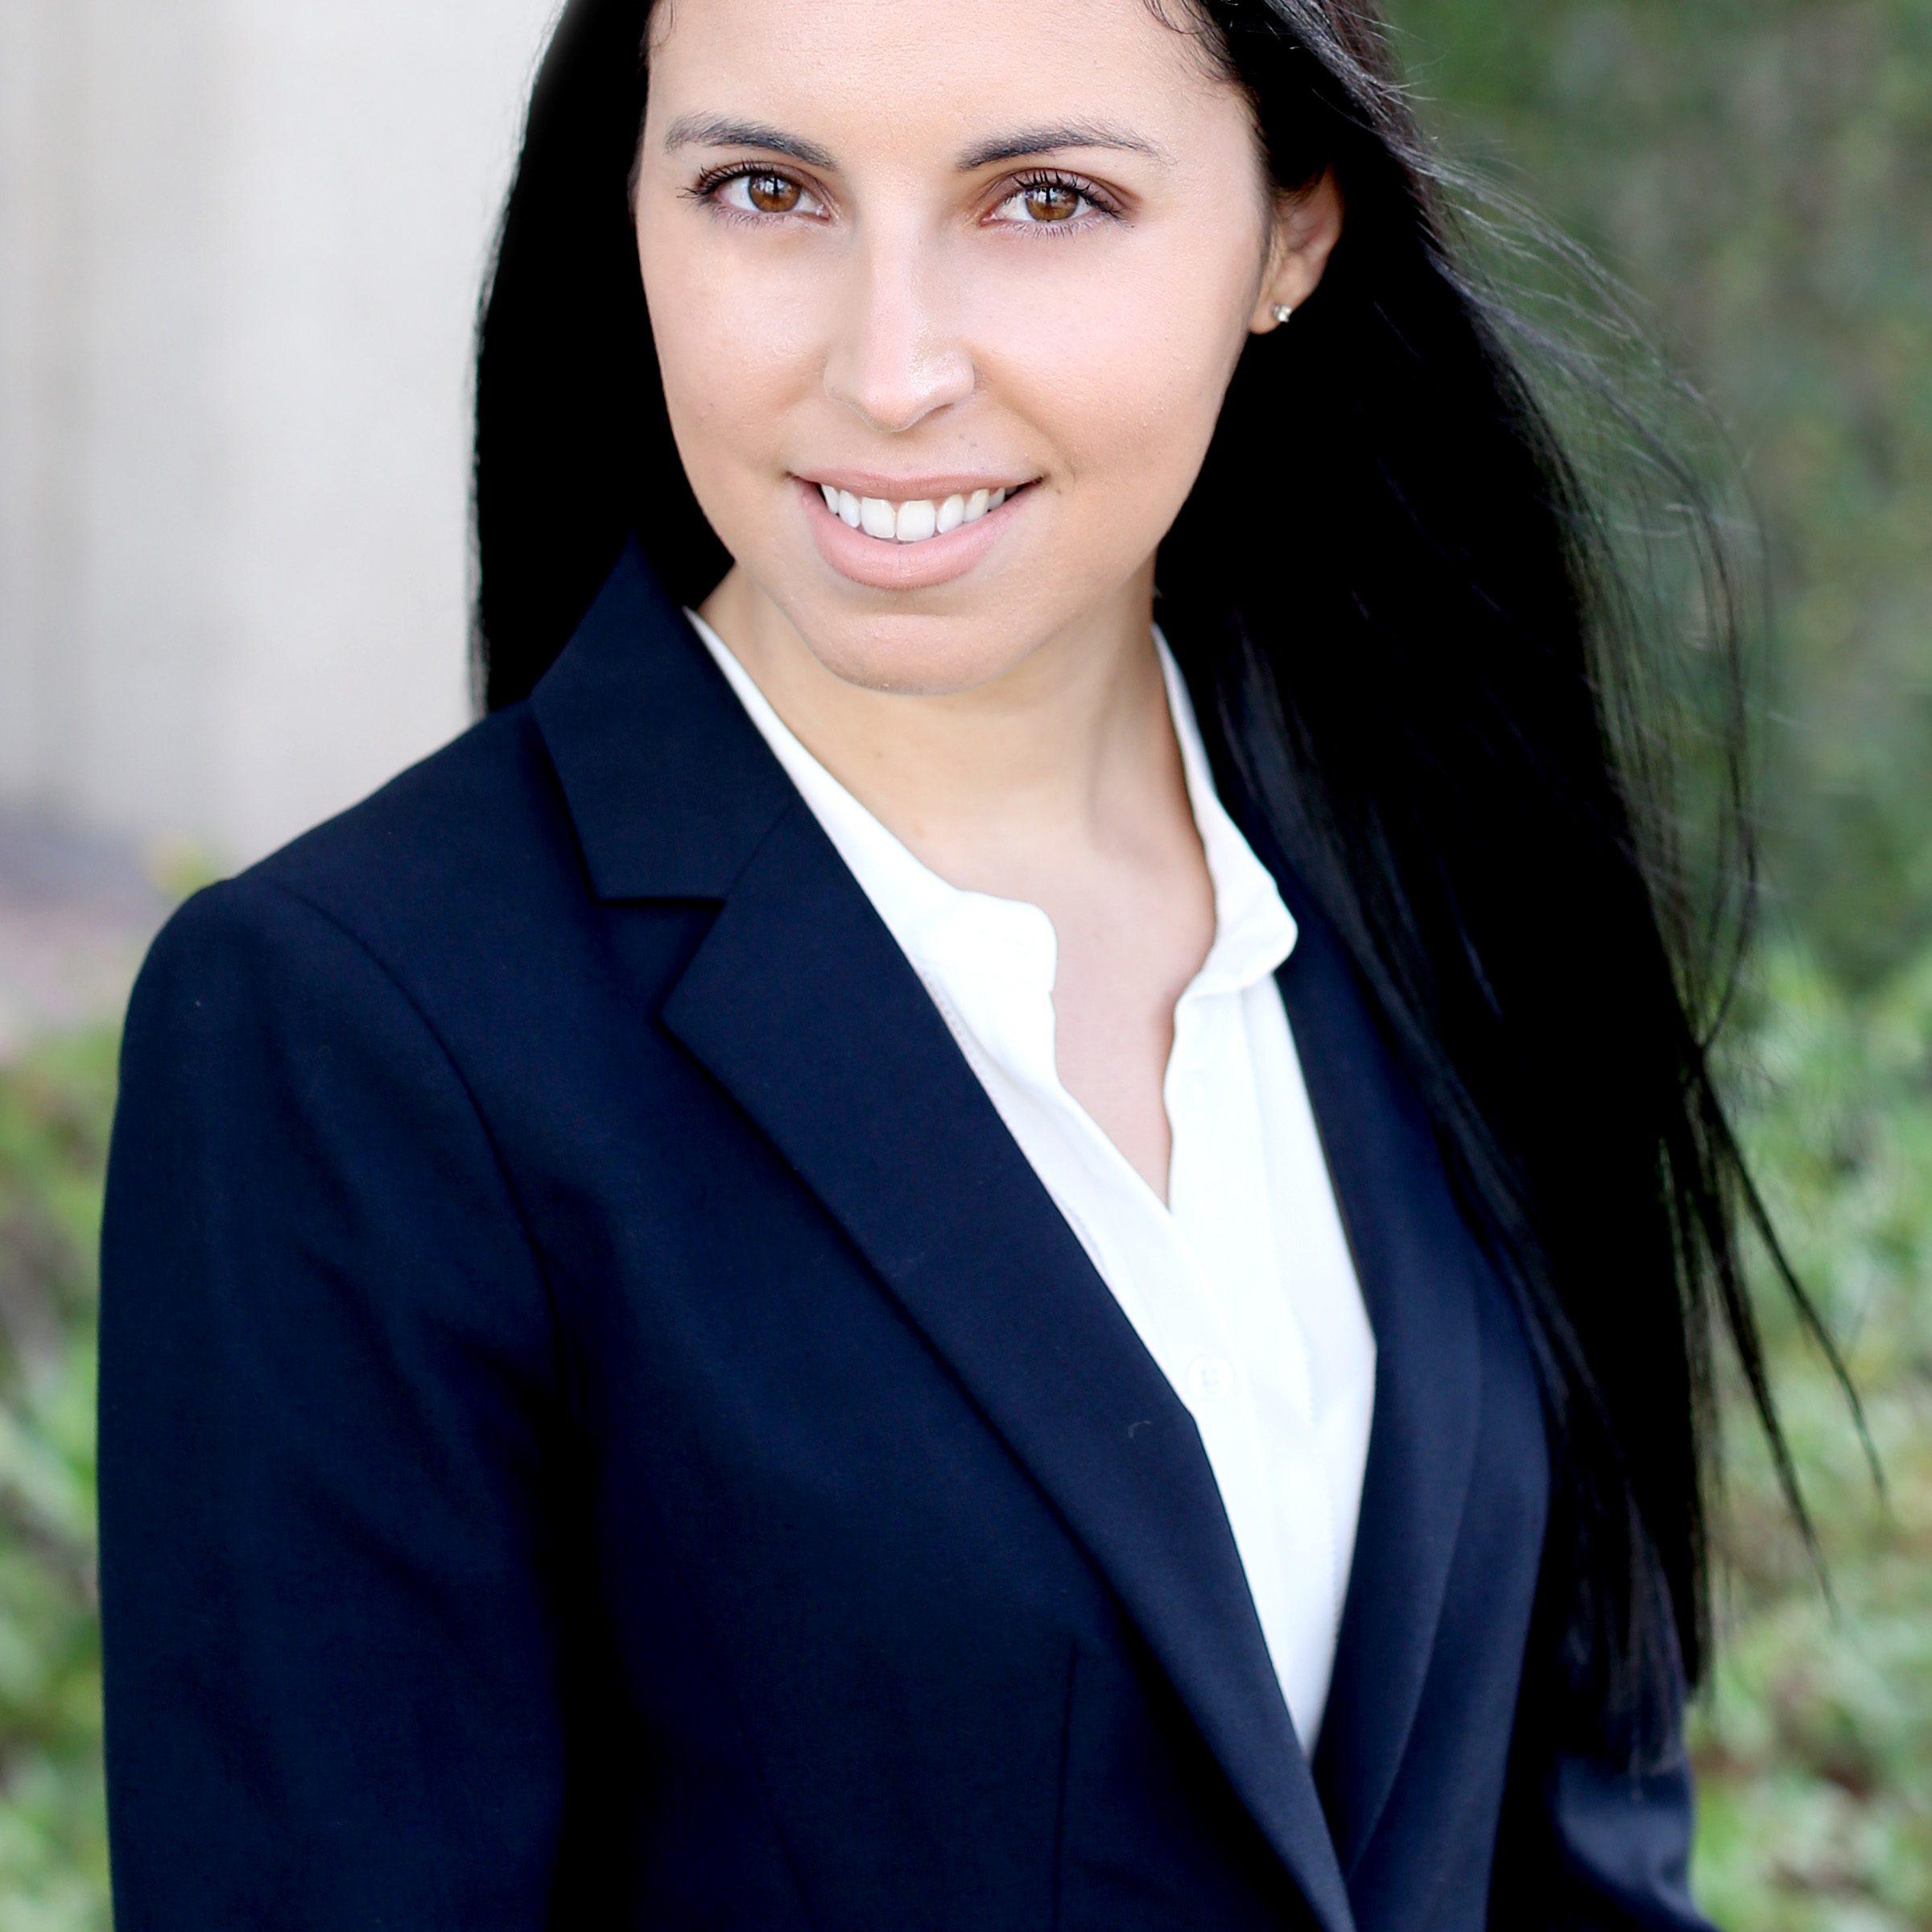 nabila-torres-attorney-marketing-annex